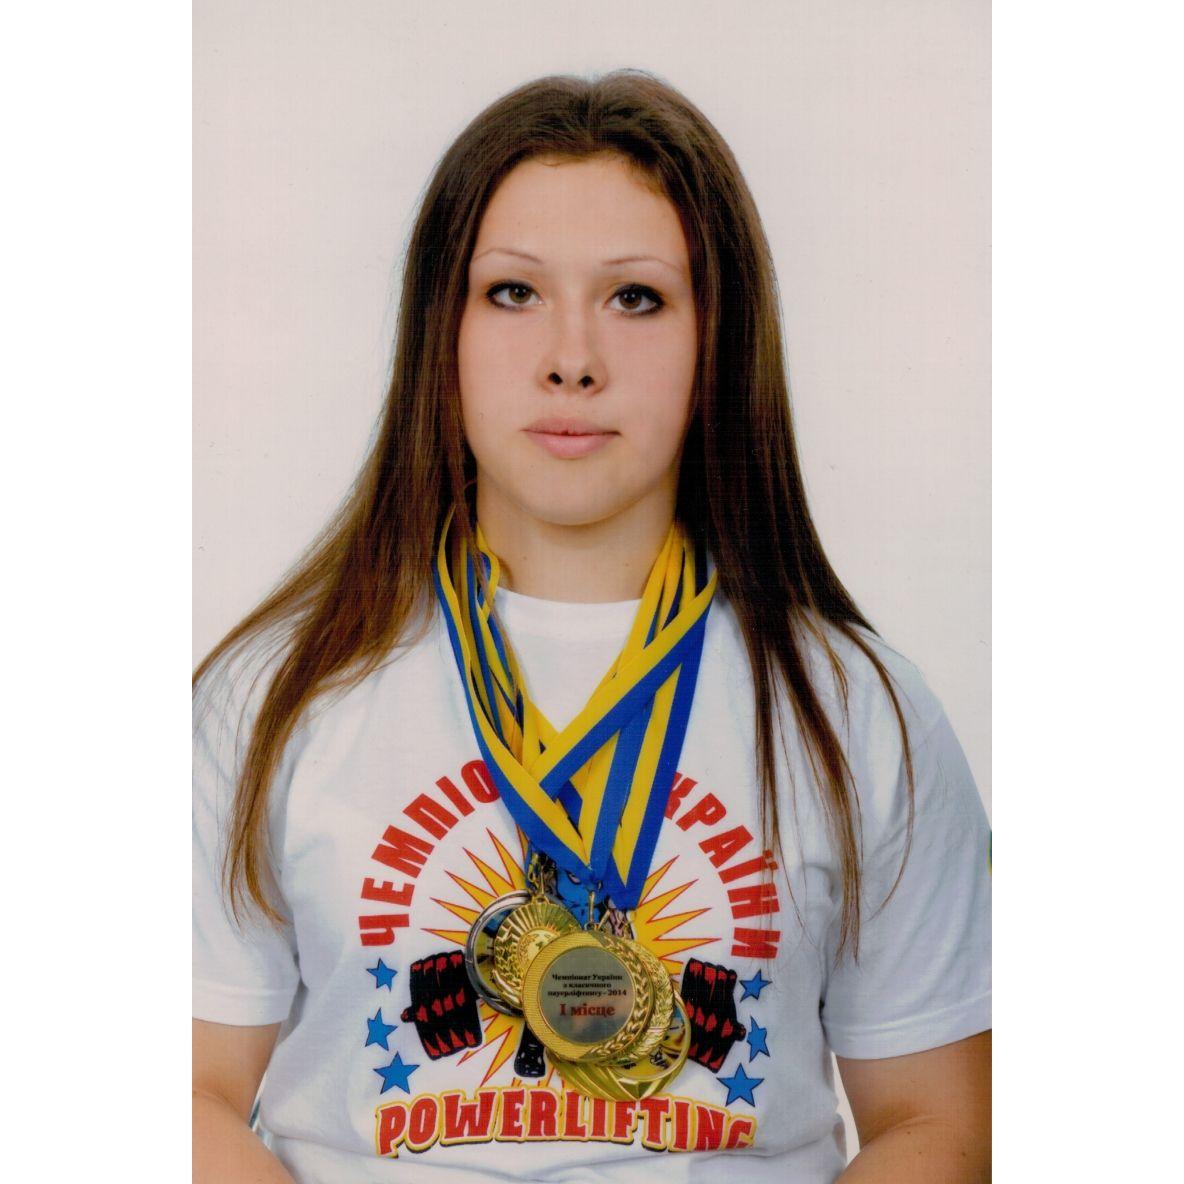 Миргородська спортсменка стала дворазовою чемпіонкою України з пауерліфтингу